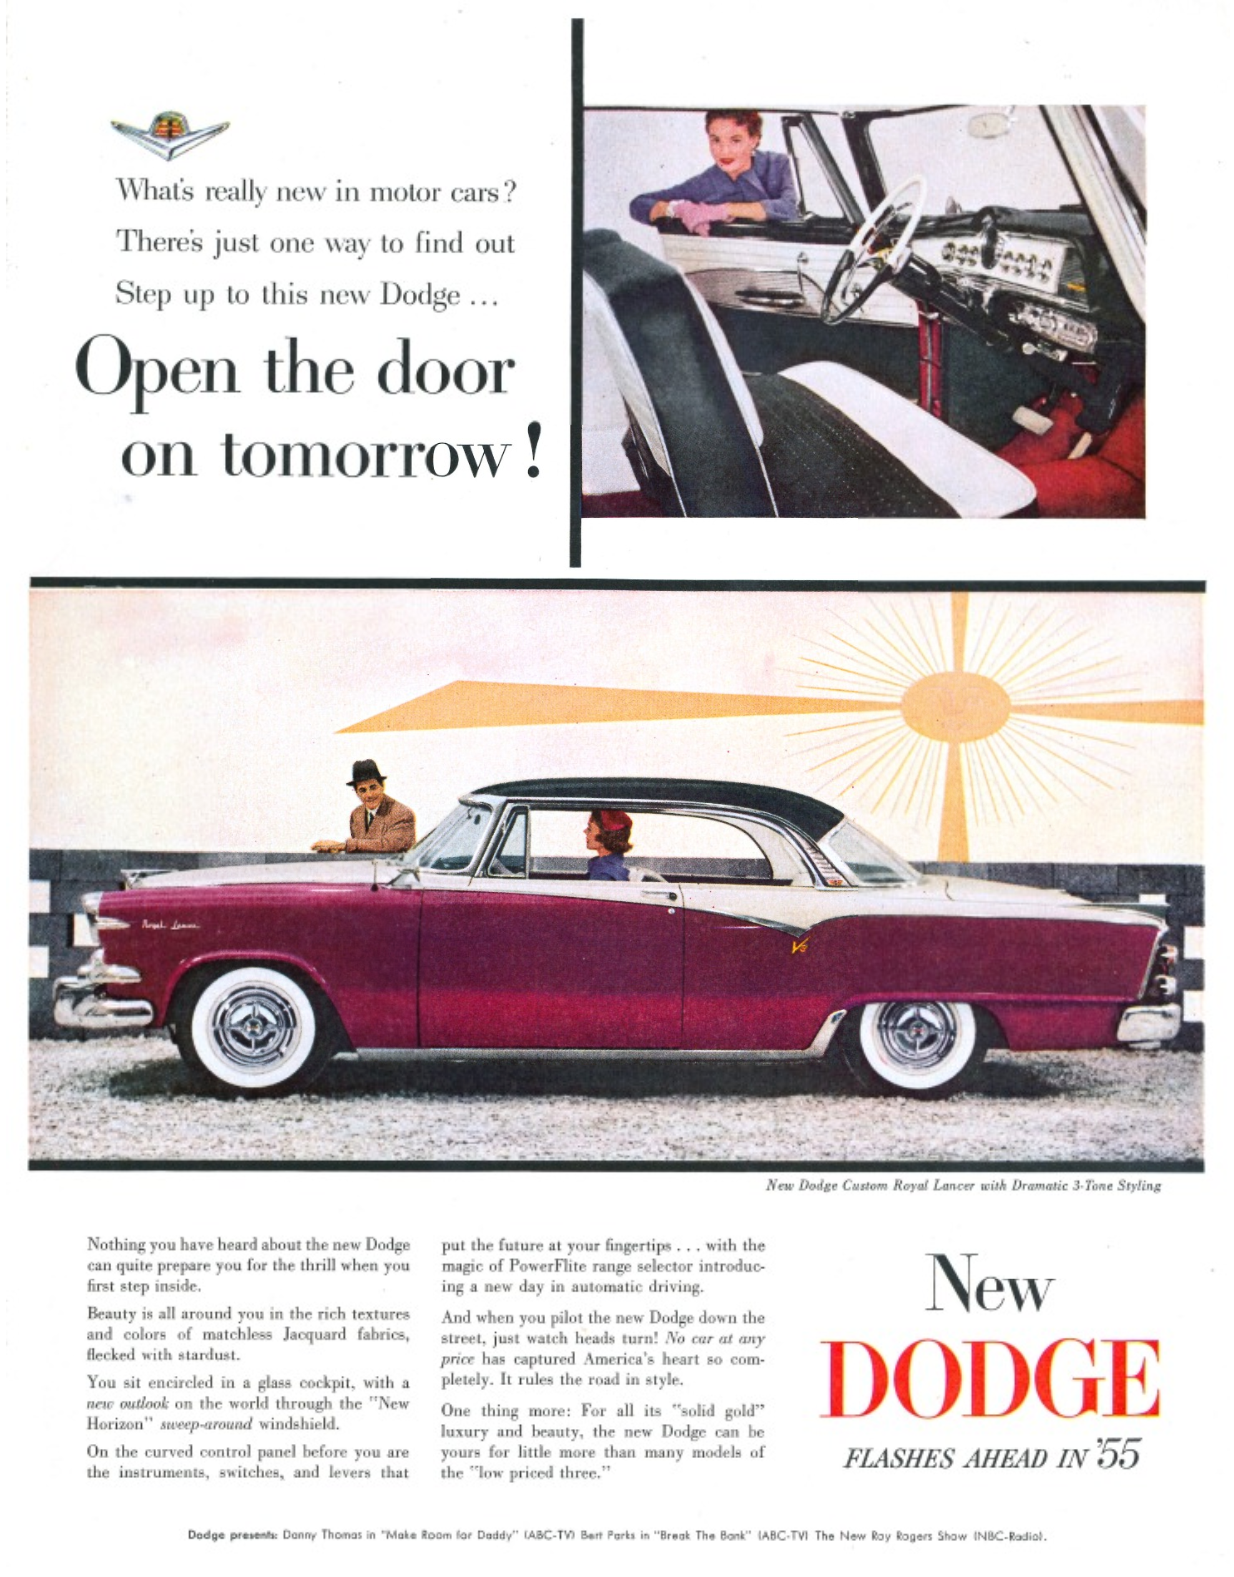 1955 dodge royal barn find for sale - Vintage 1954 Magazine Ad For Dodge Pink Black Custom Royal Lancer Photo Ad Cars Vintage 1950 S Pinterest Dodge Auto Dodge Coronet And Cars